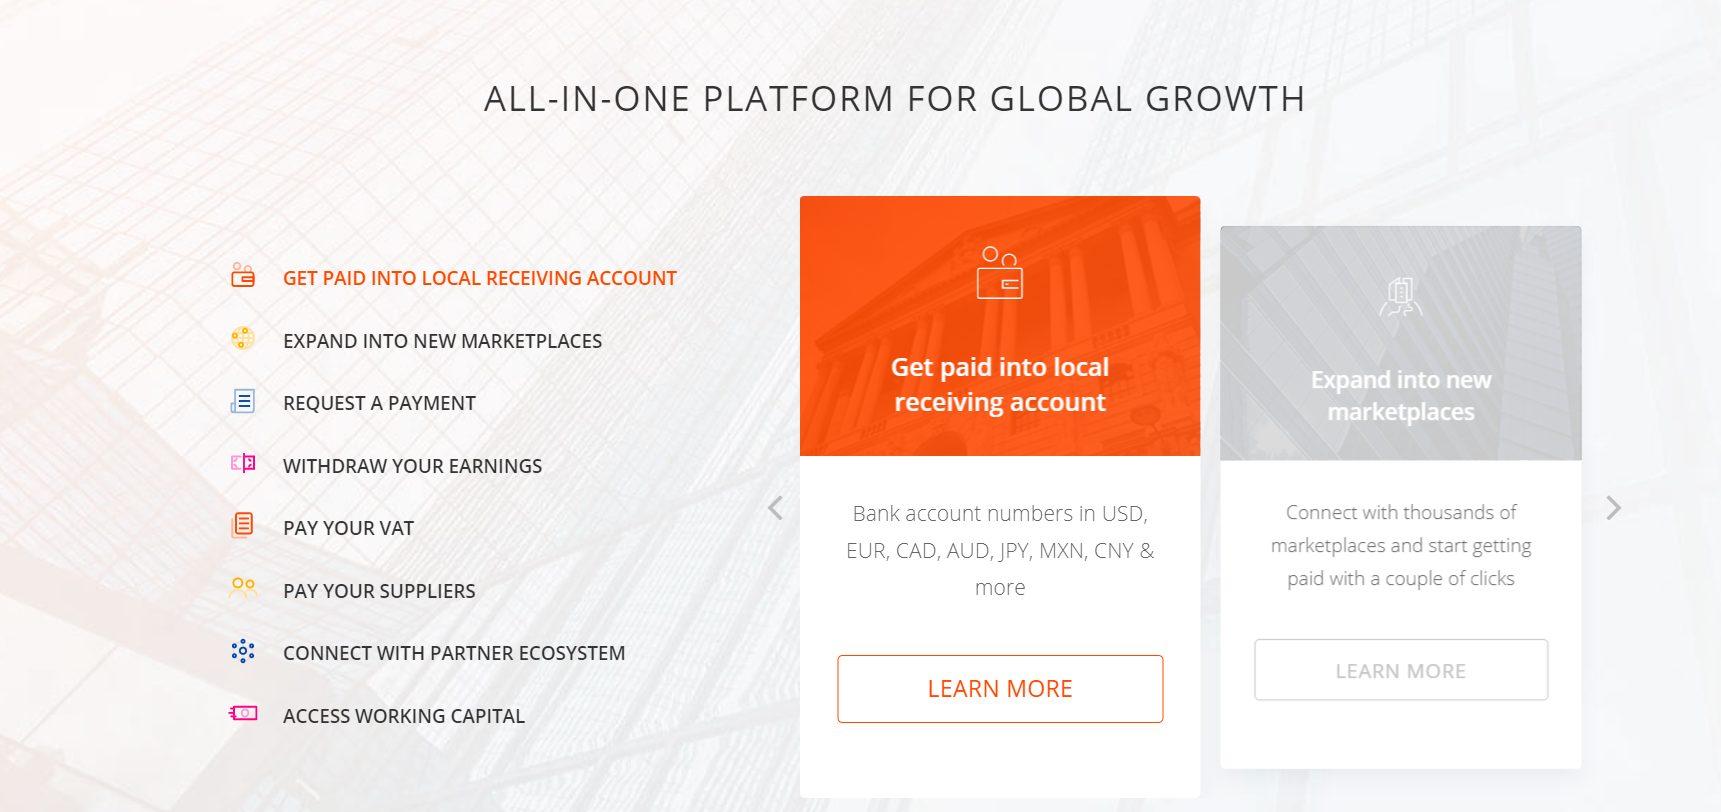 Das bietet die All-in-One Plattform von Payoneer